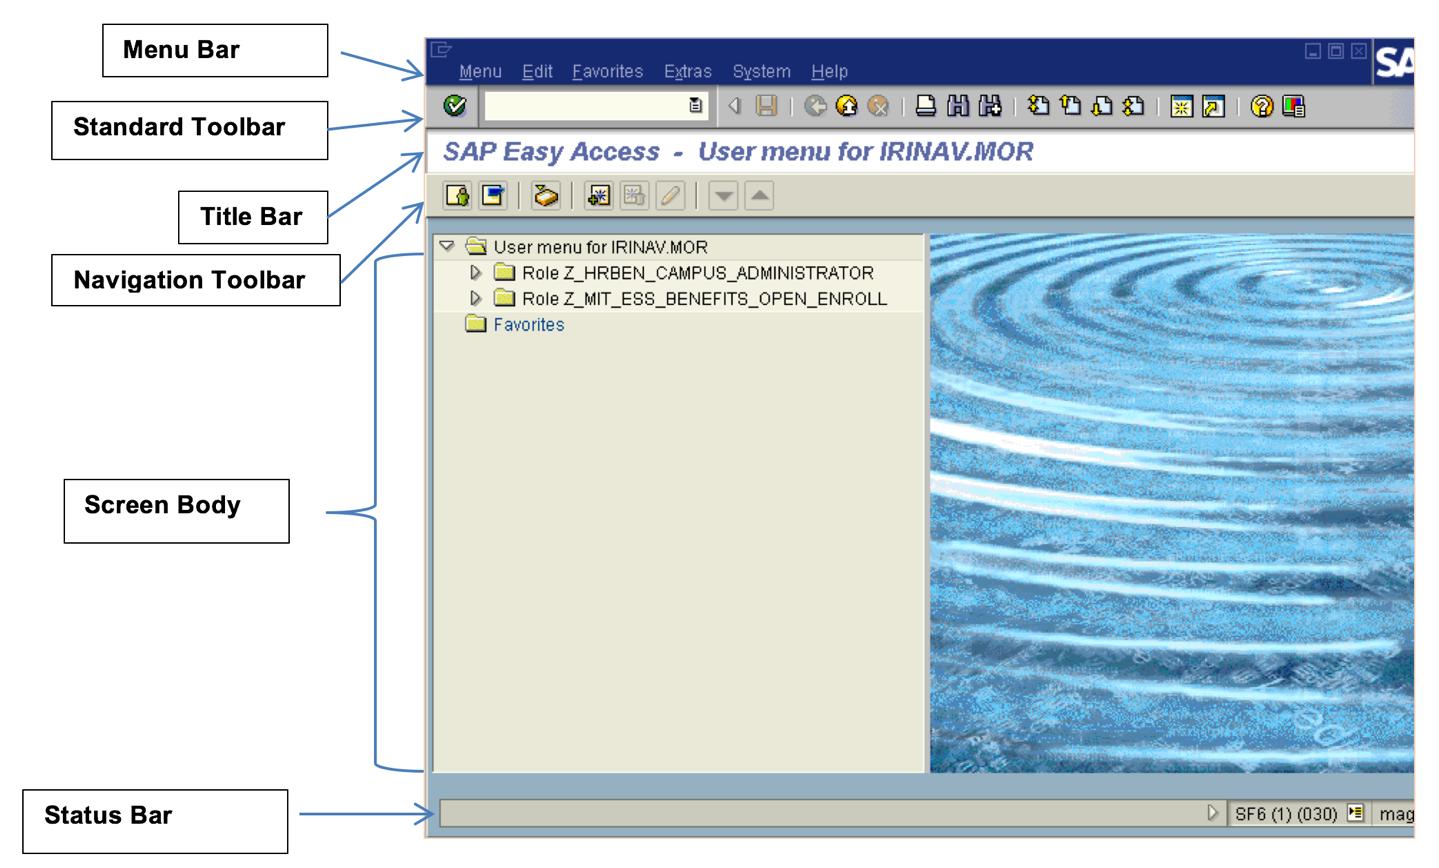 SAP Logon screen